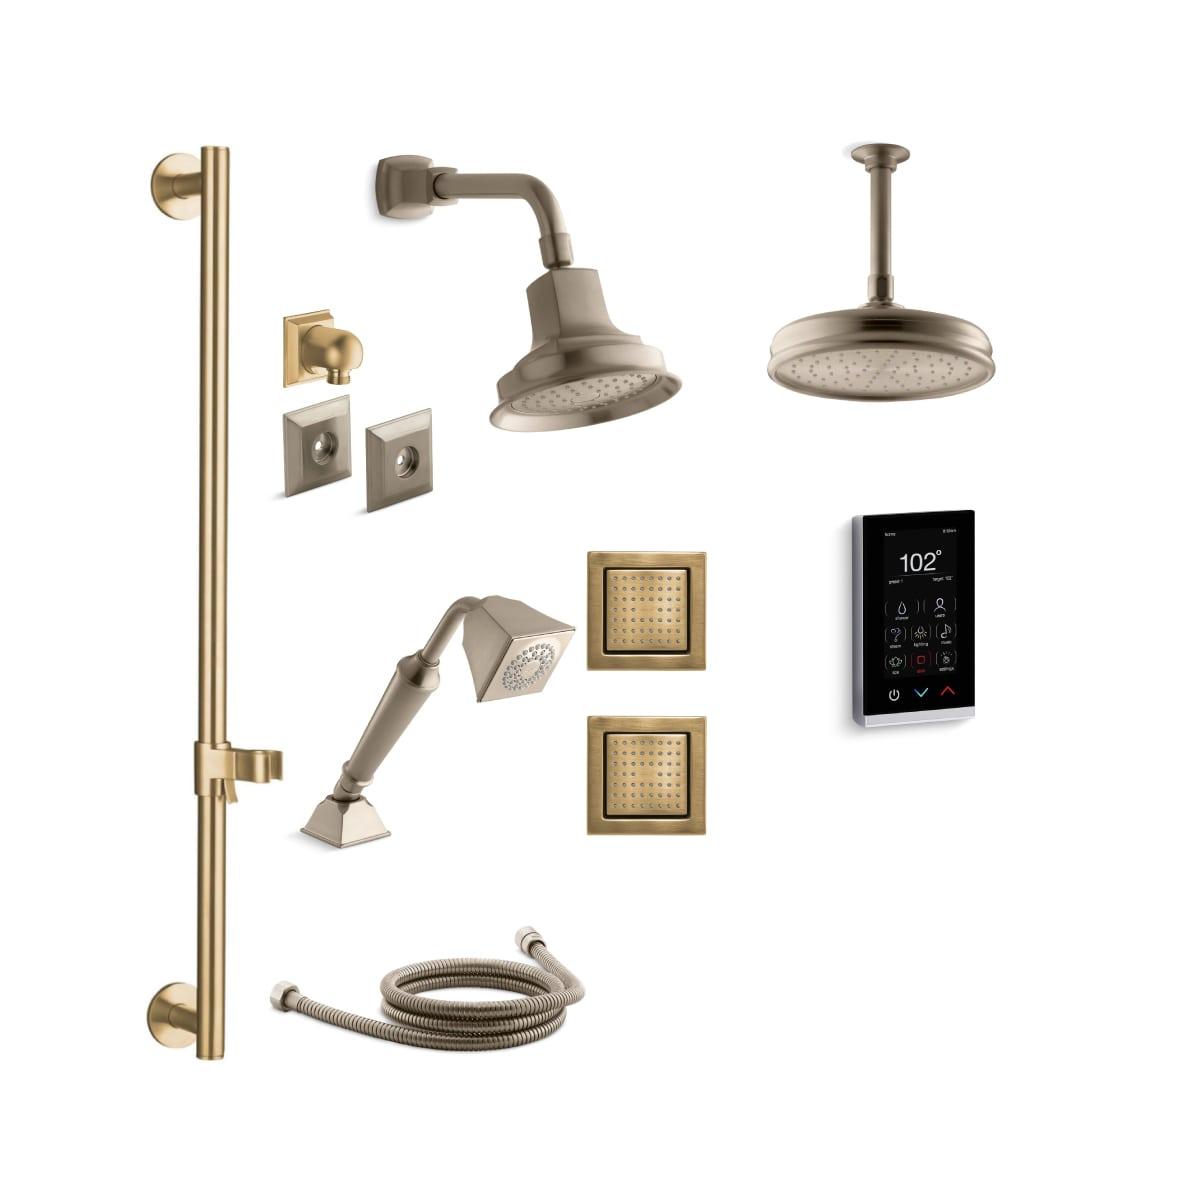 Kohler Dtv Digital Showering Experience